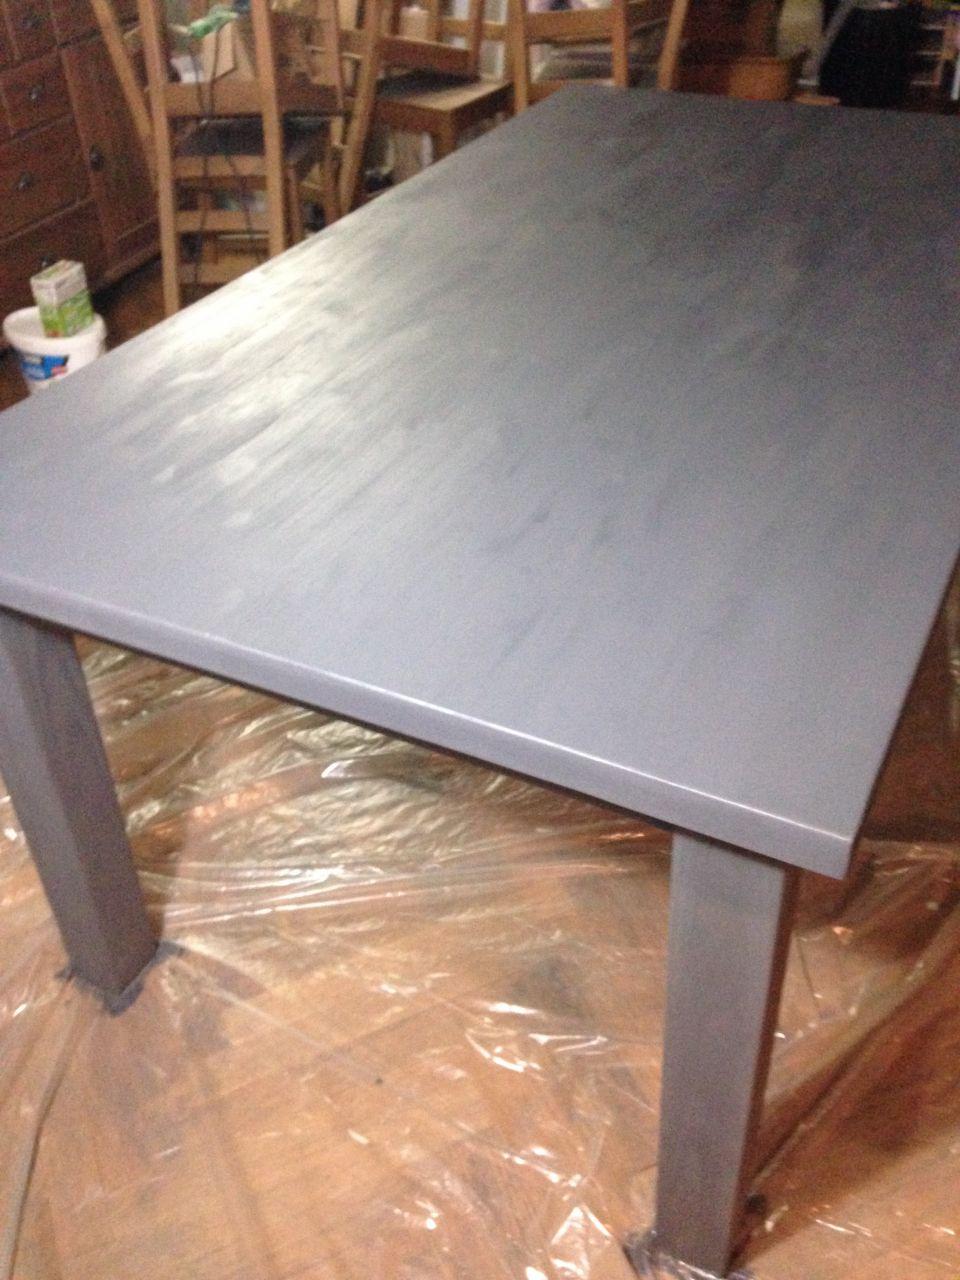 table 1er couche <br /> J'adore l'effet irrégulier un peu comme le béton ciré <br /> on voit les noeuds du bois